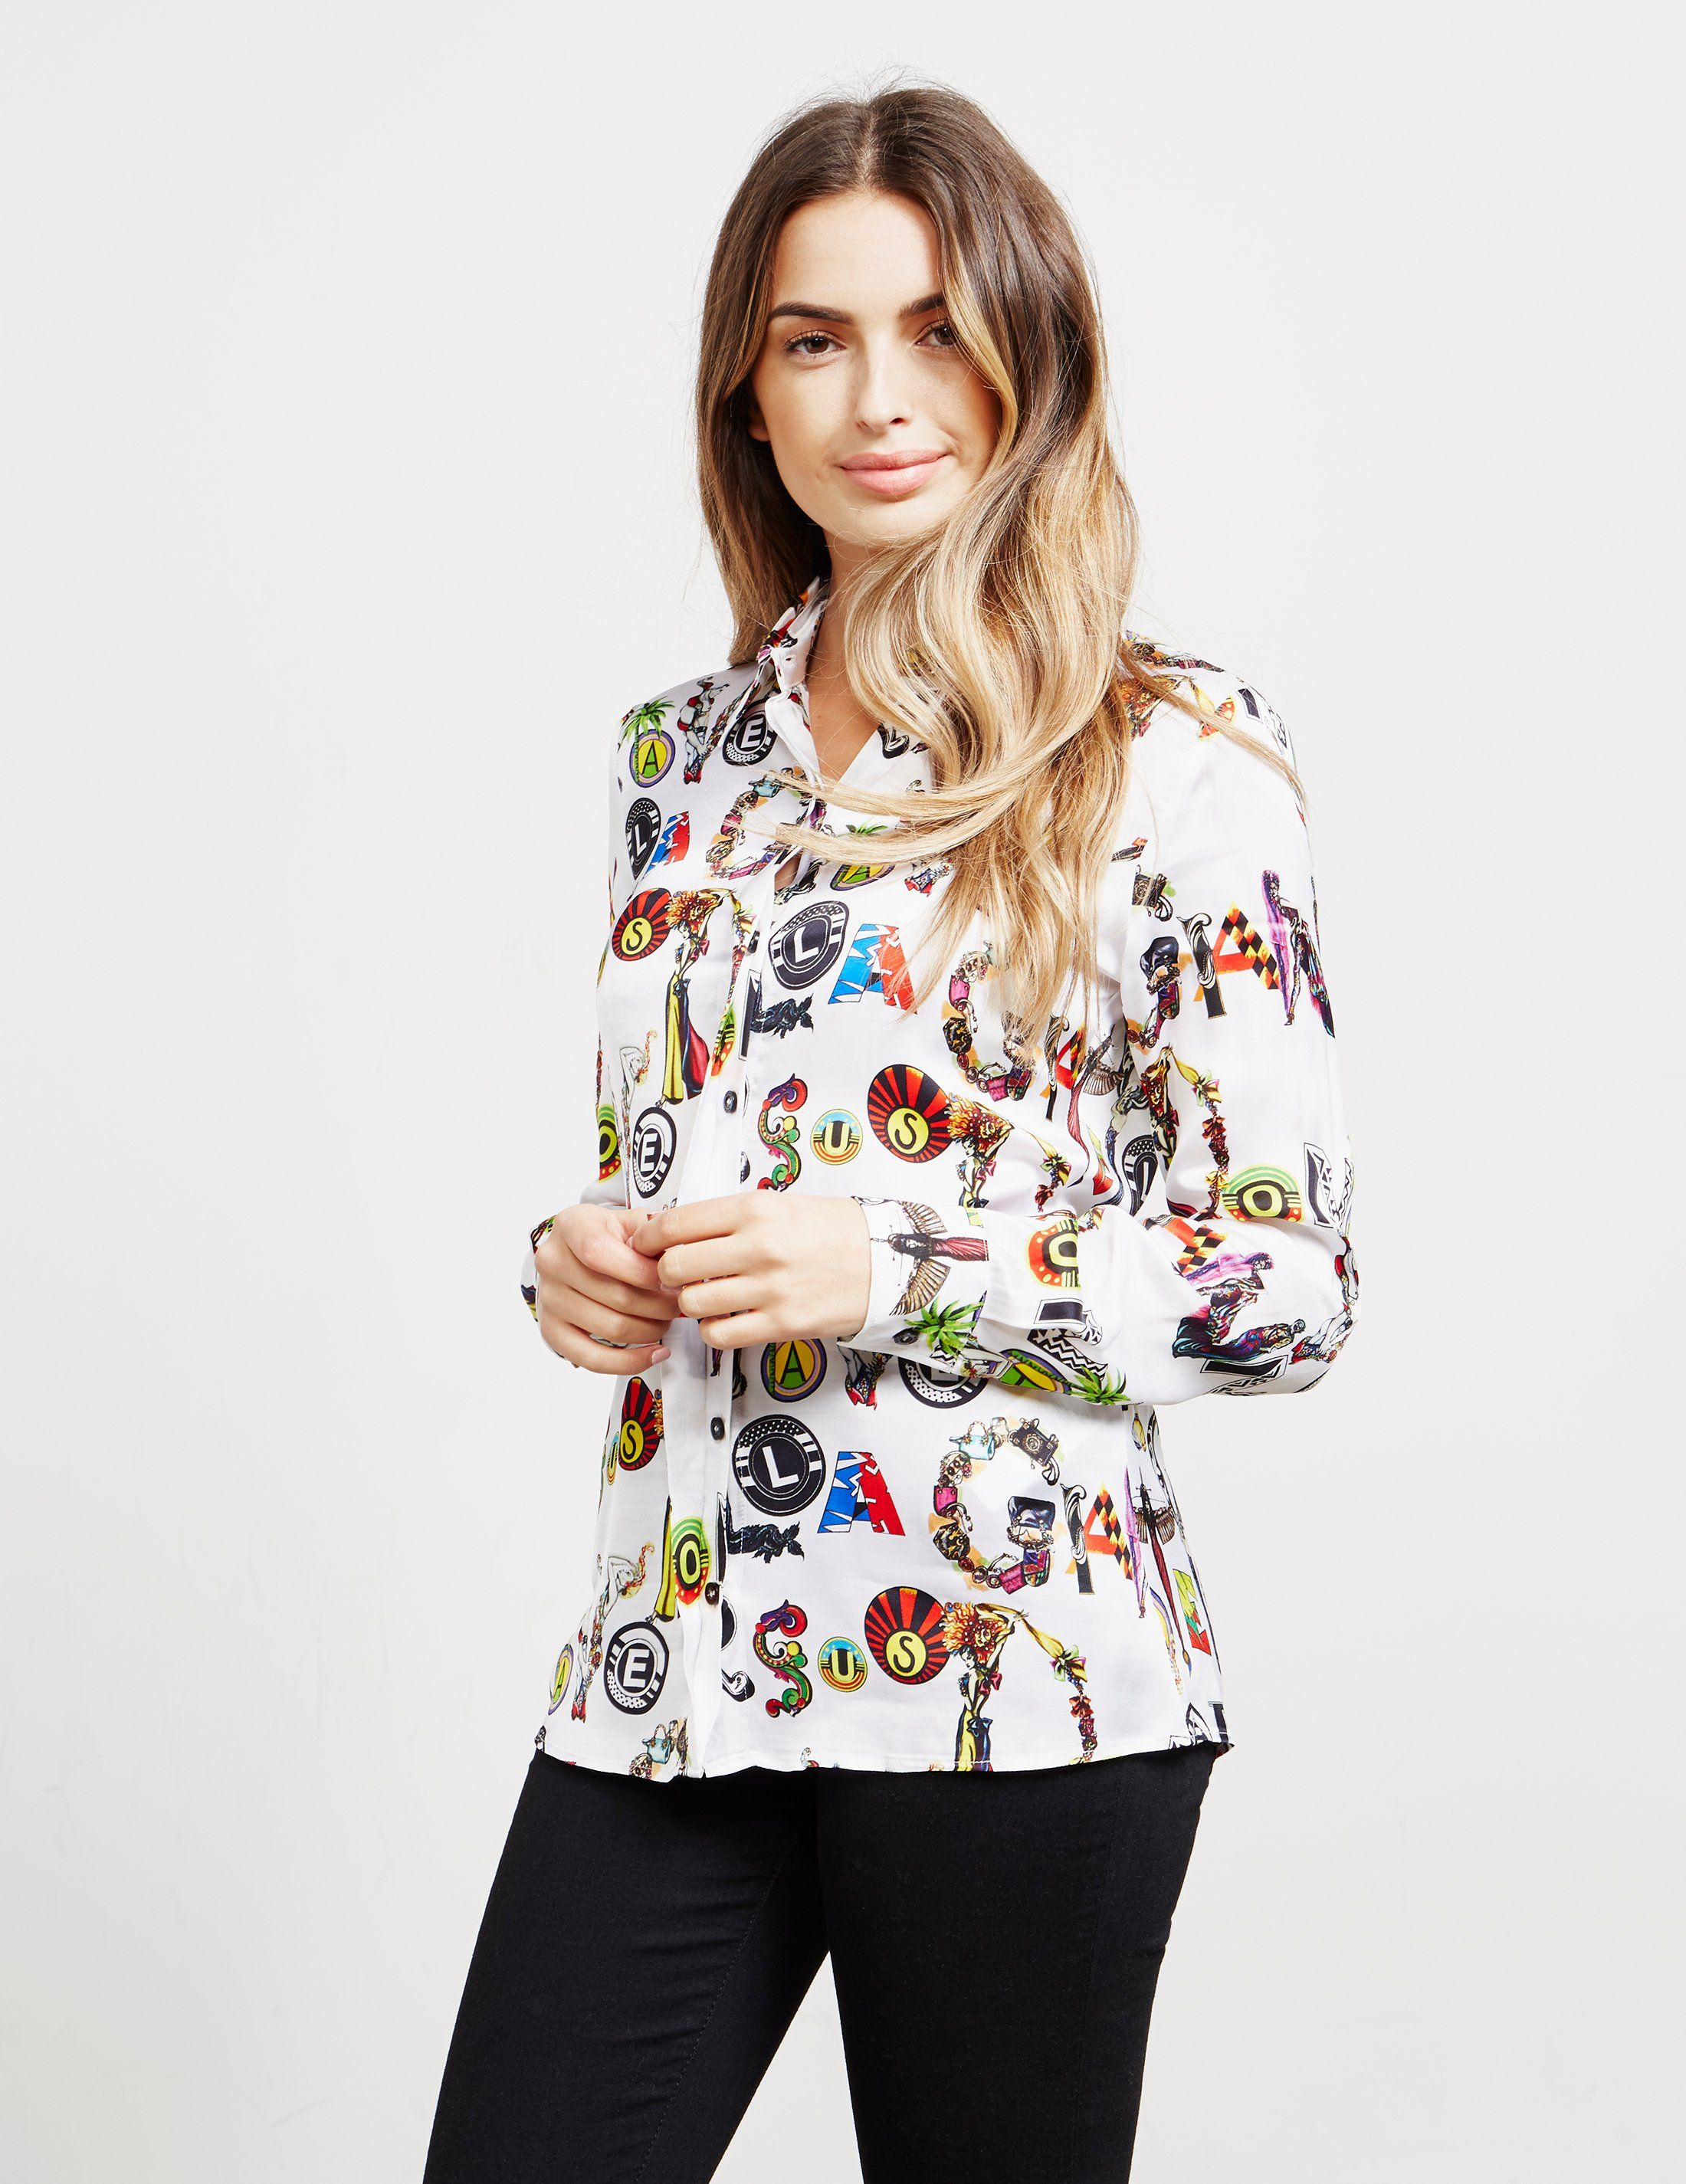 Versus Versace Graphic Long Sleeve Shirt - Online Exclusive